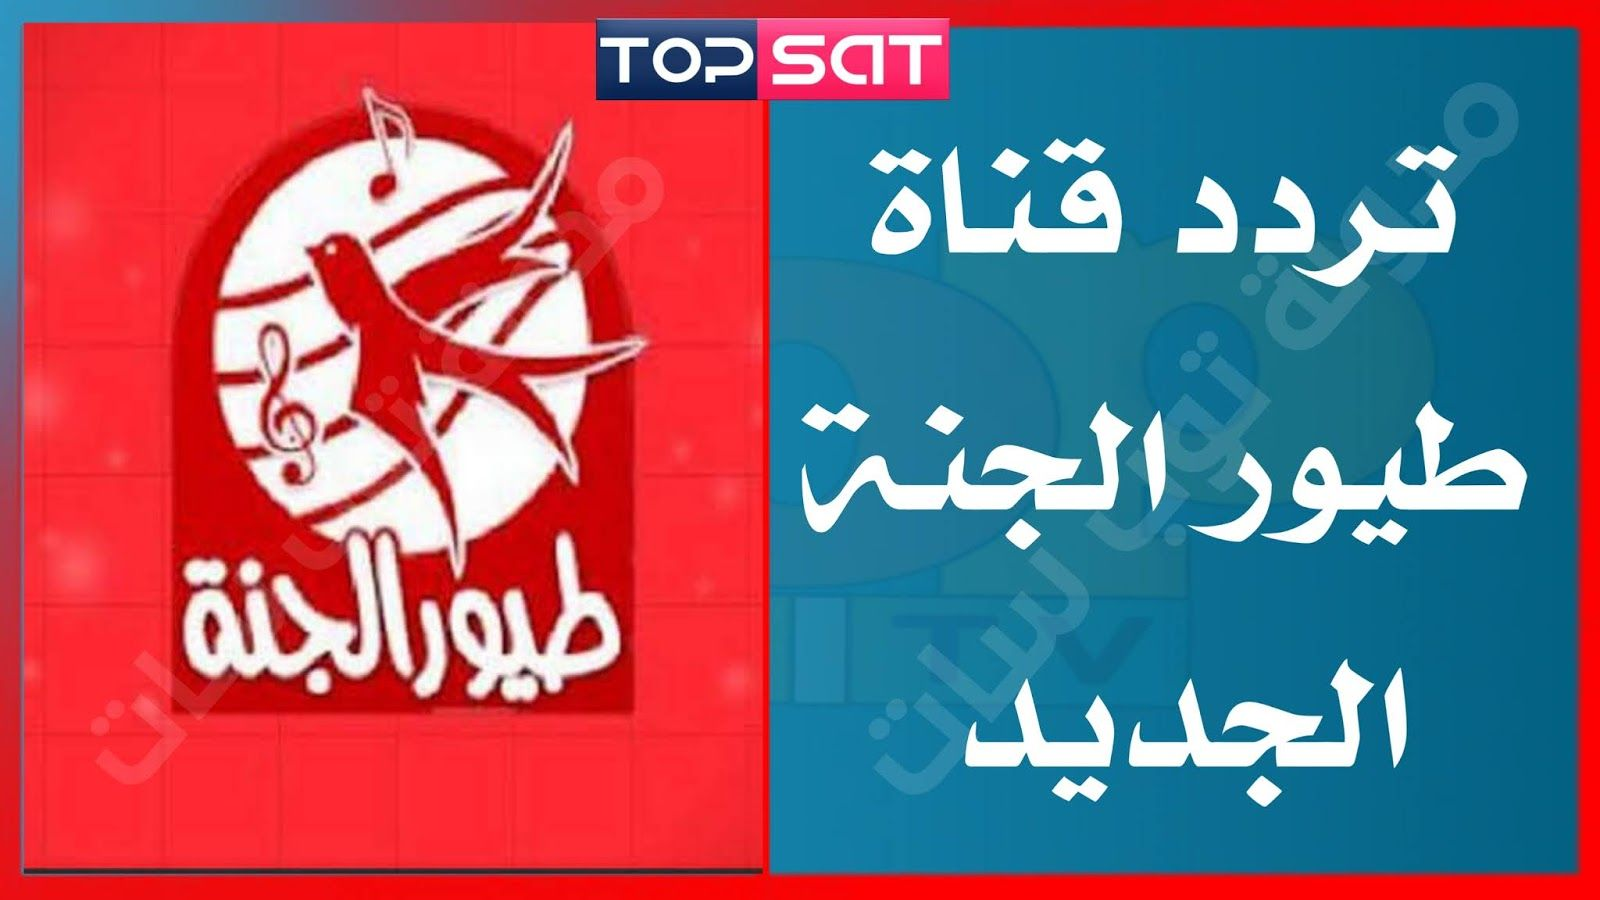 تردد قناة طيور الجنة على النايل سات Toyor Al Janah على جميع الأقمار آخر تحديث 2020 Places To Visit Calm Artwork Keep Calm Artwork